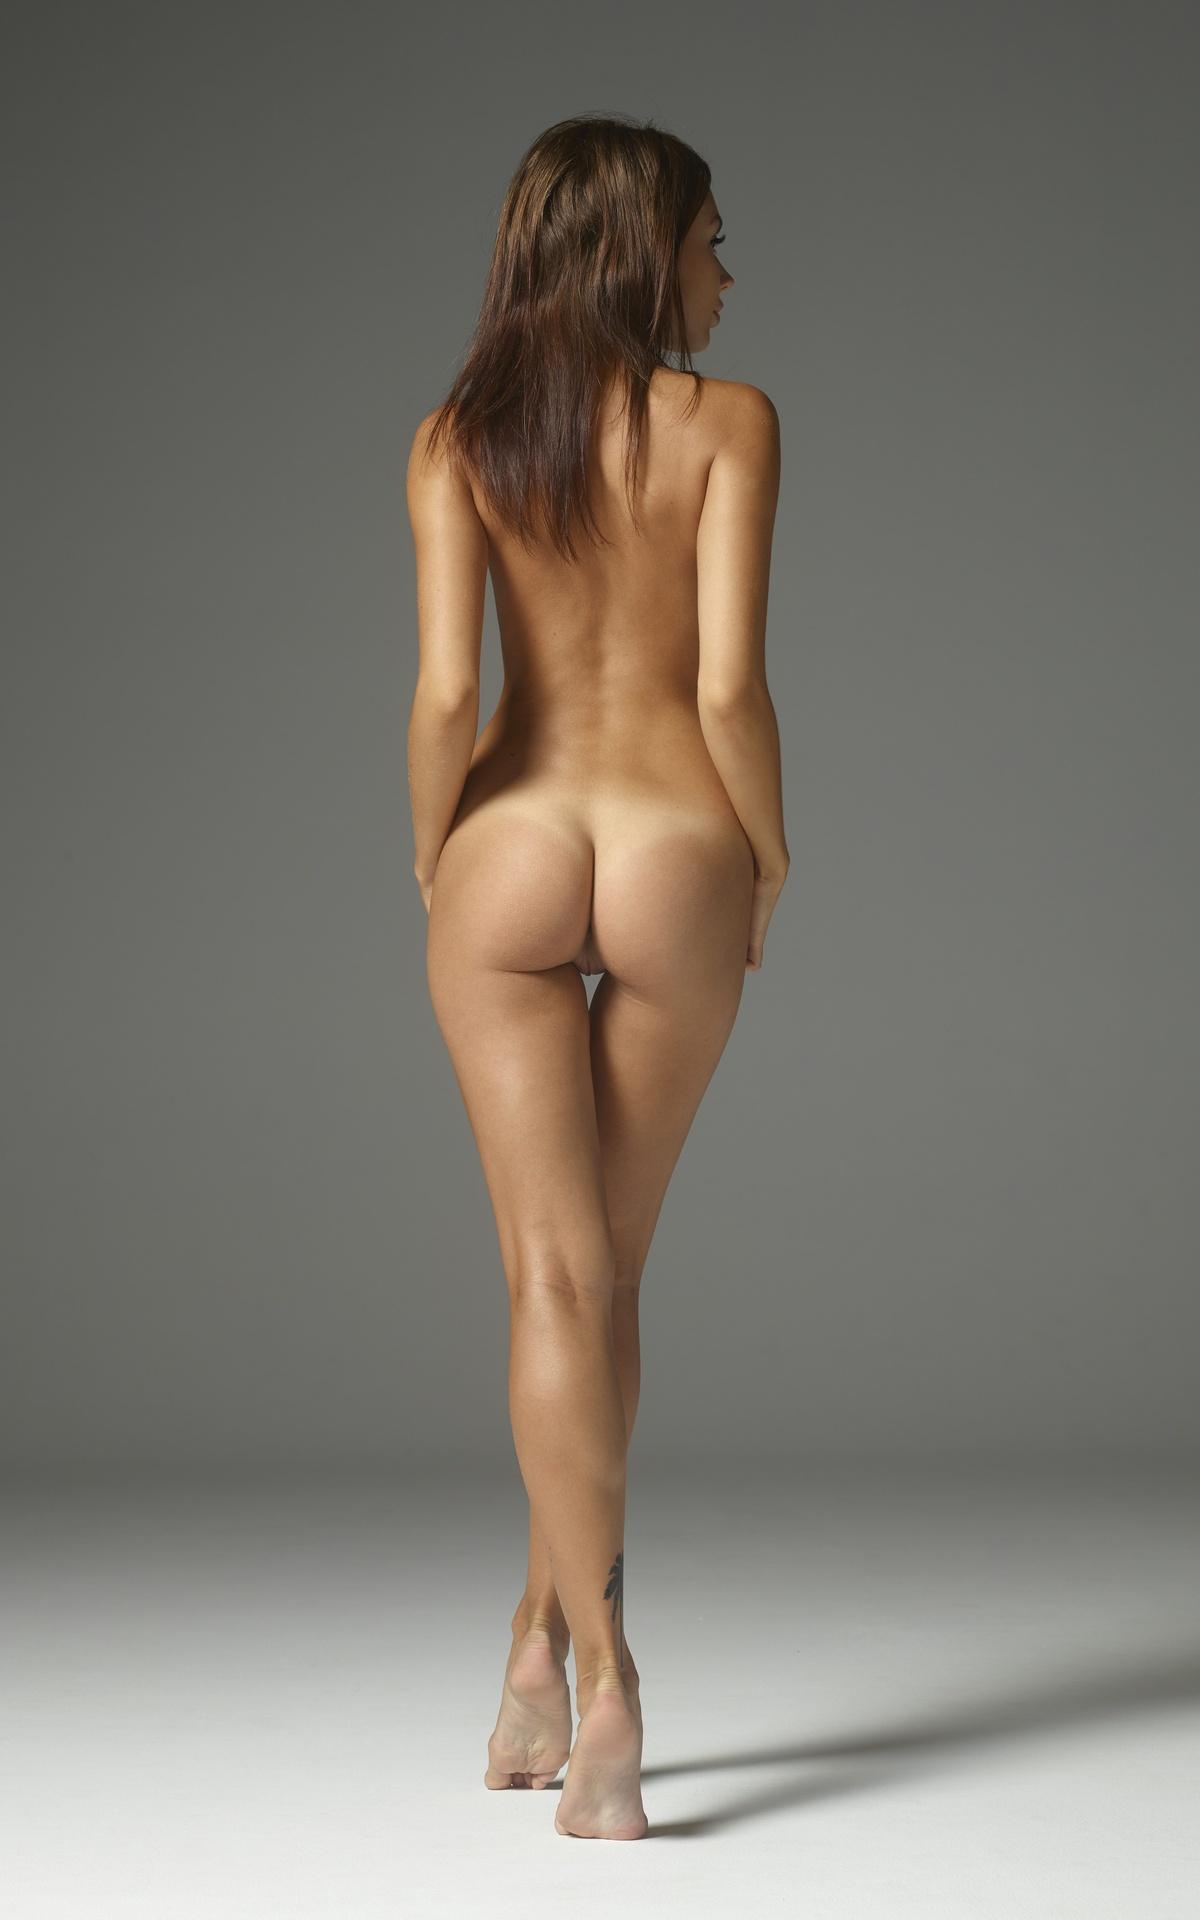 Сзади девушек голые вид коллективное стройных фото